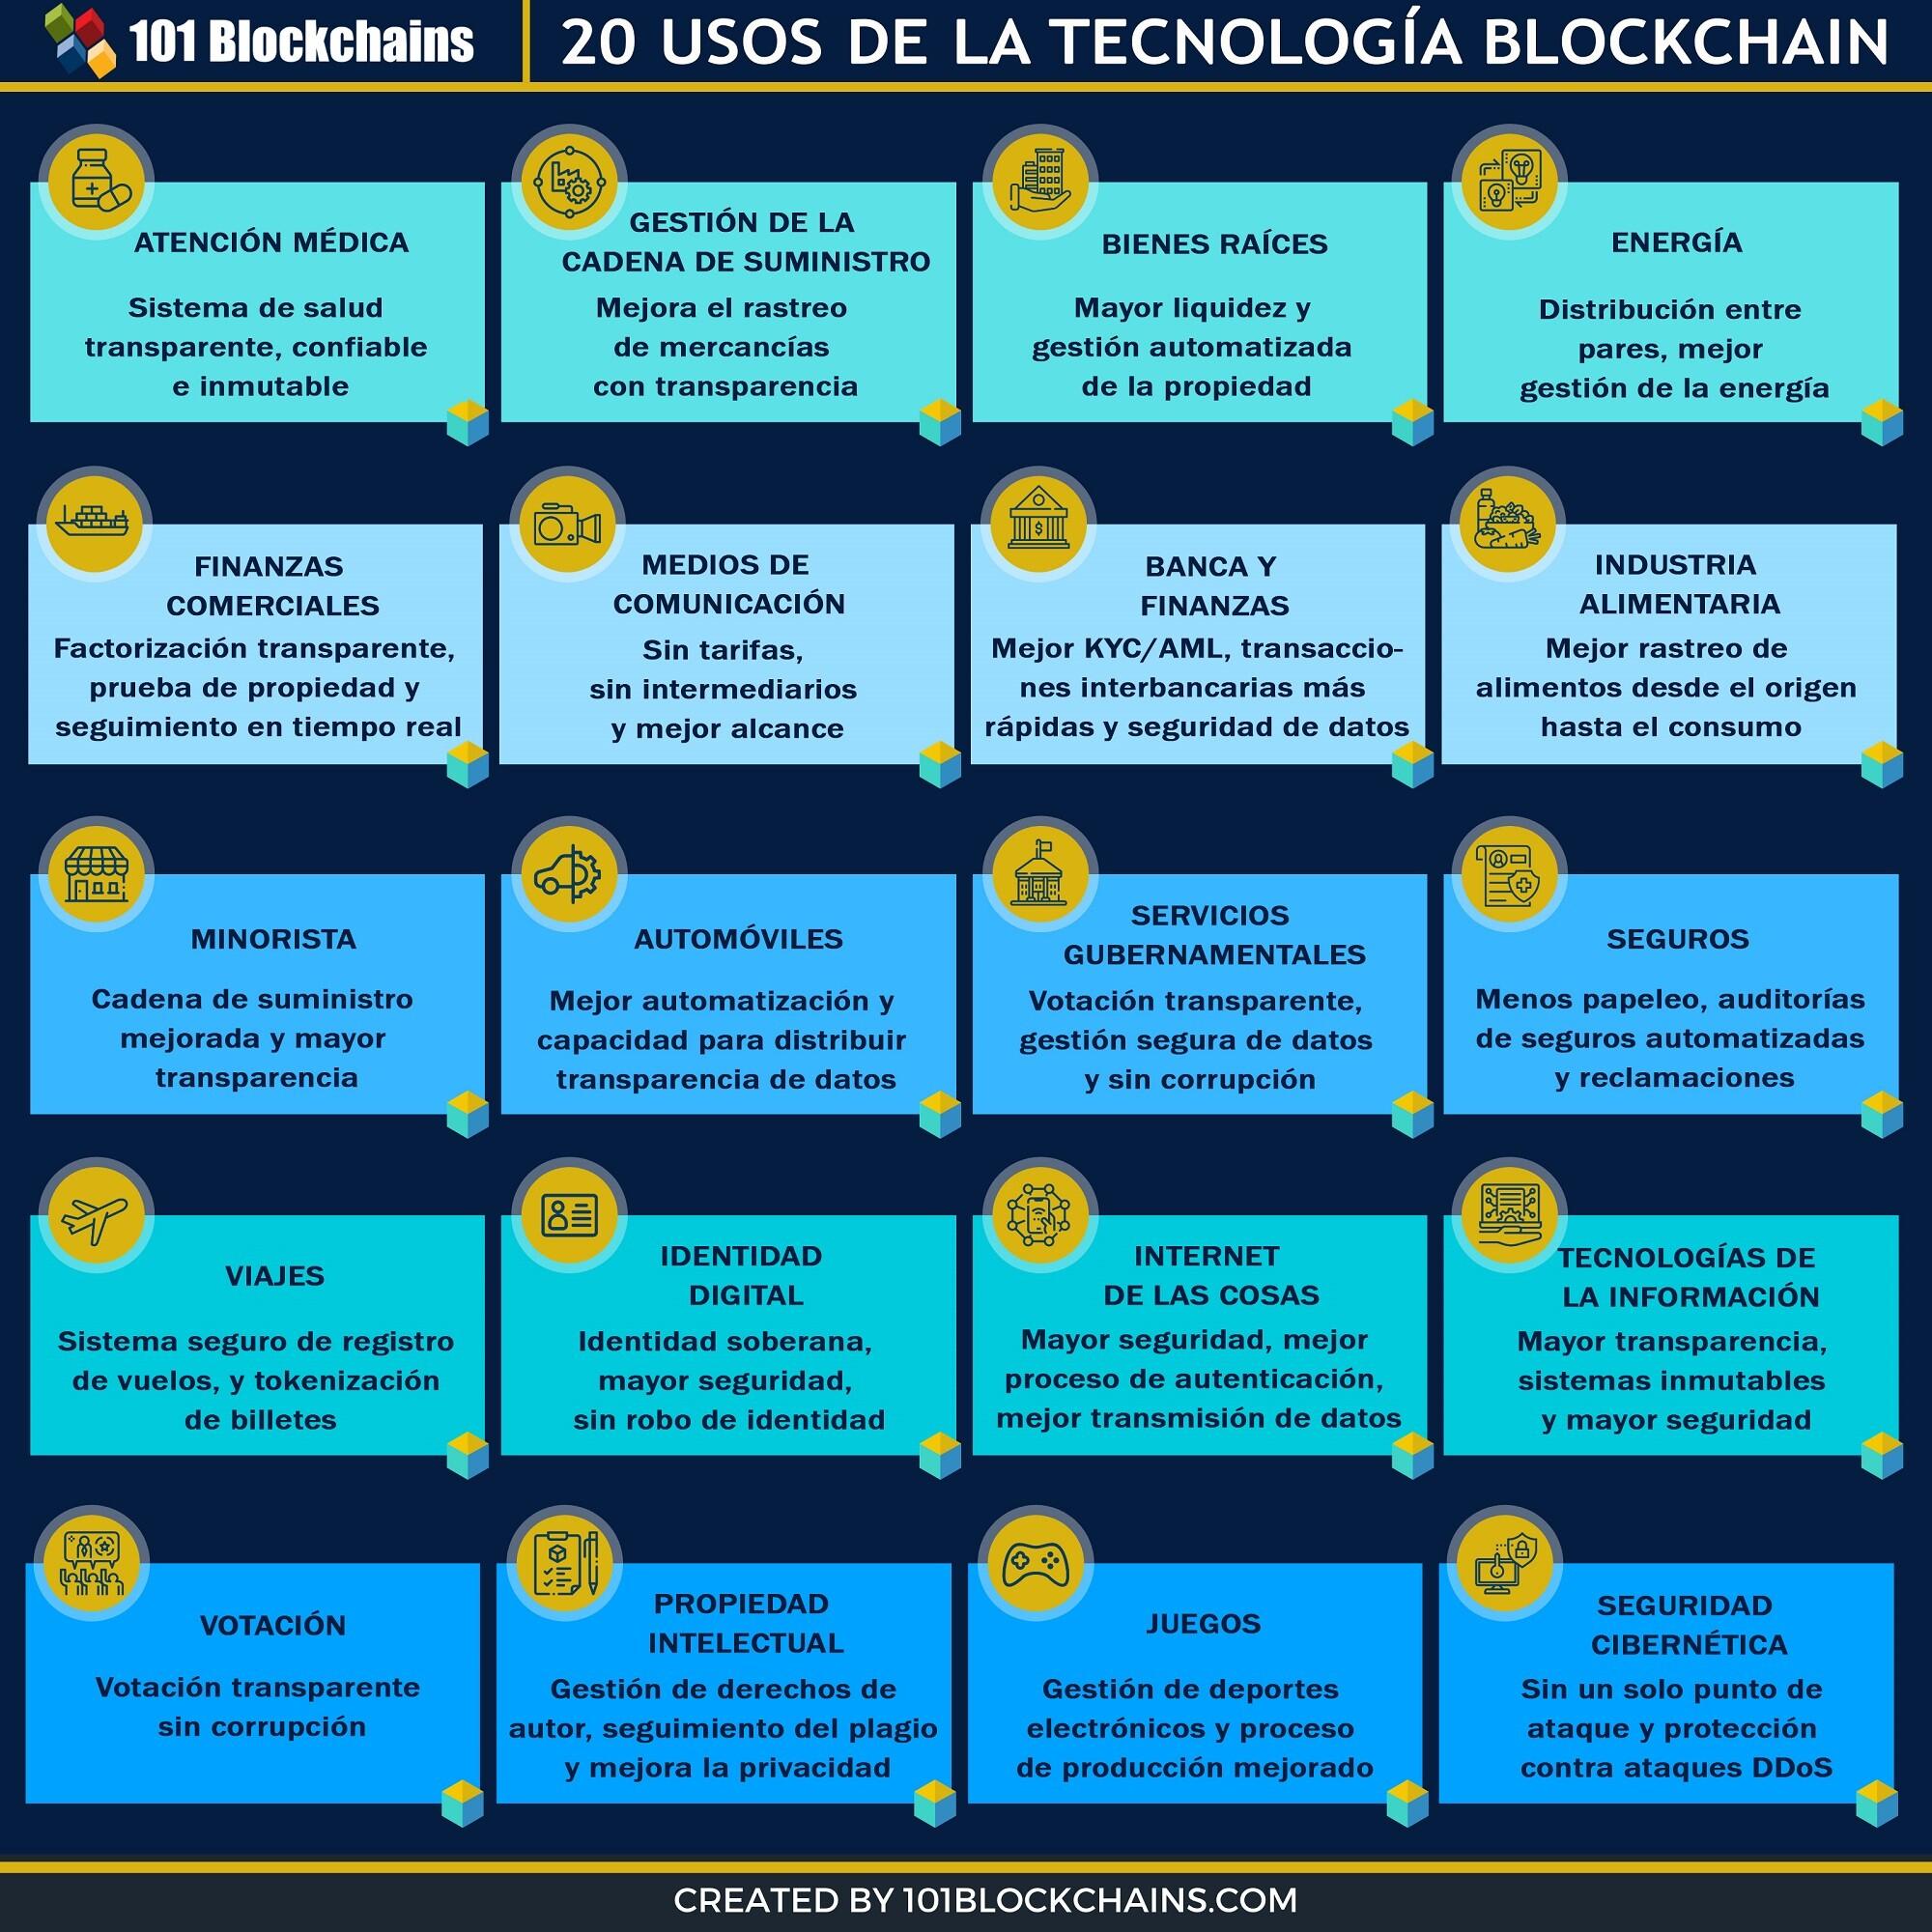 20 USOS DE LA TECNOLOGIA BLOCKCHAIN